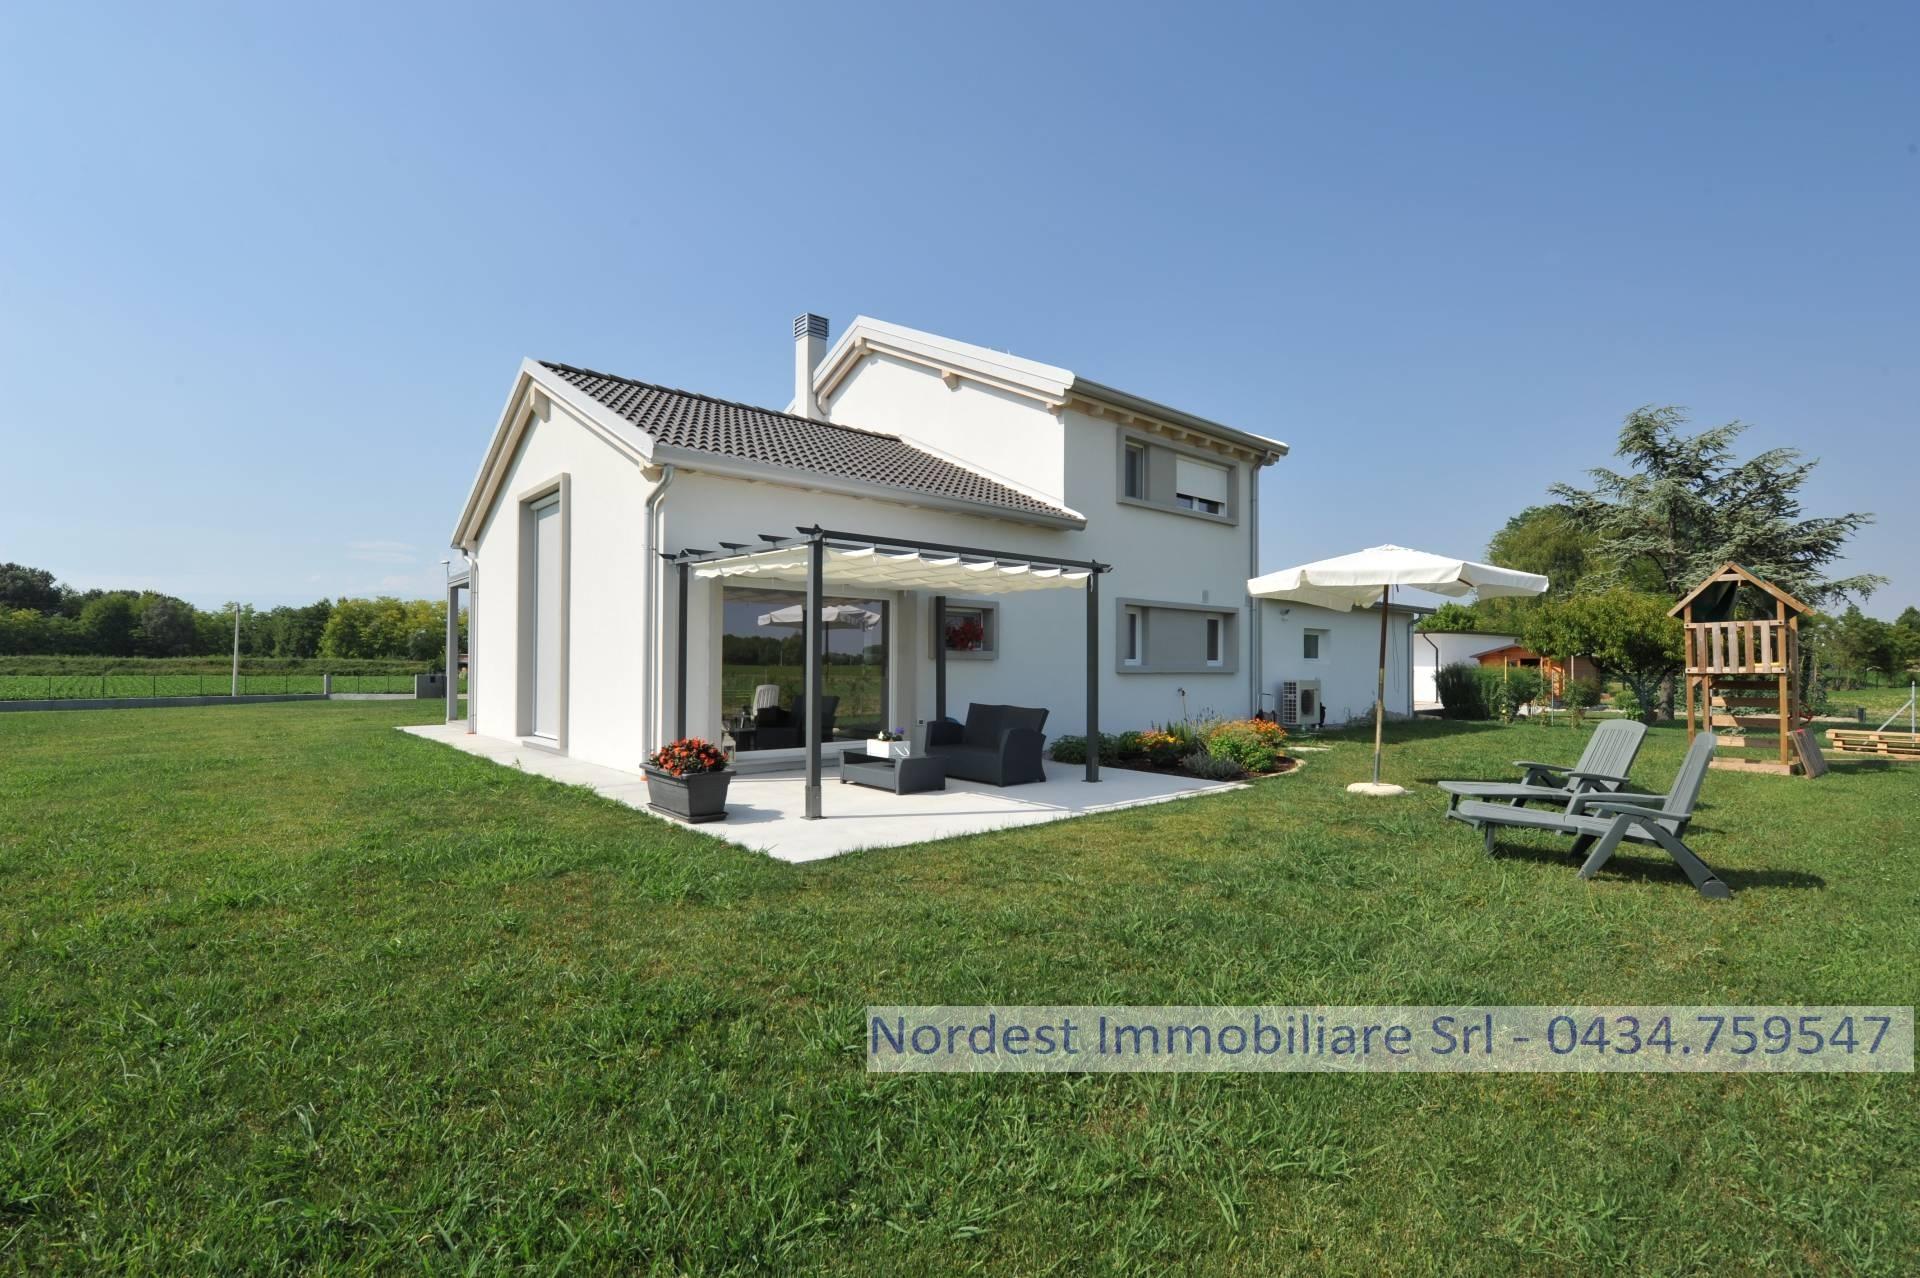 Soluzione Indipendente in vendita a Fontanelle, 8 locali, Trattative riservate | CambioCasa.it